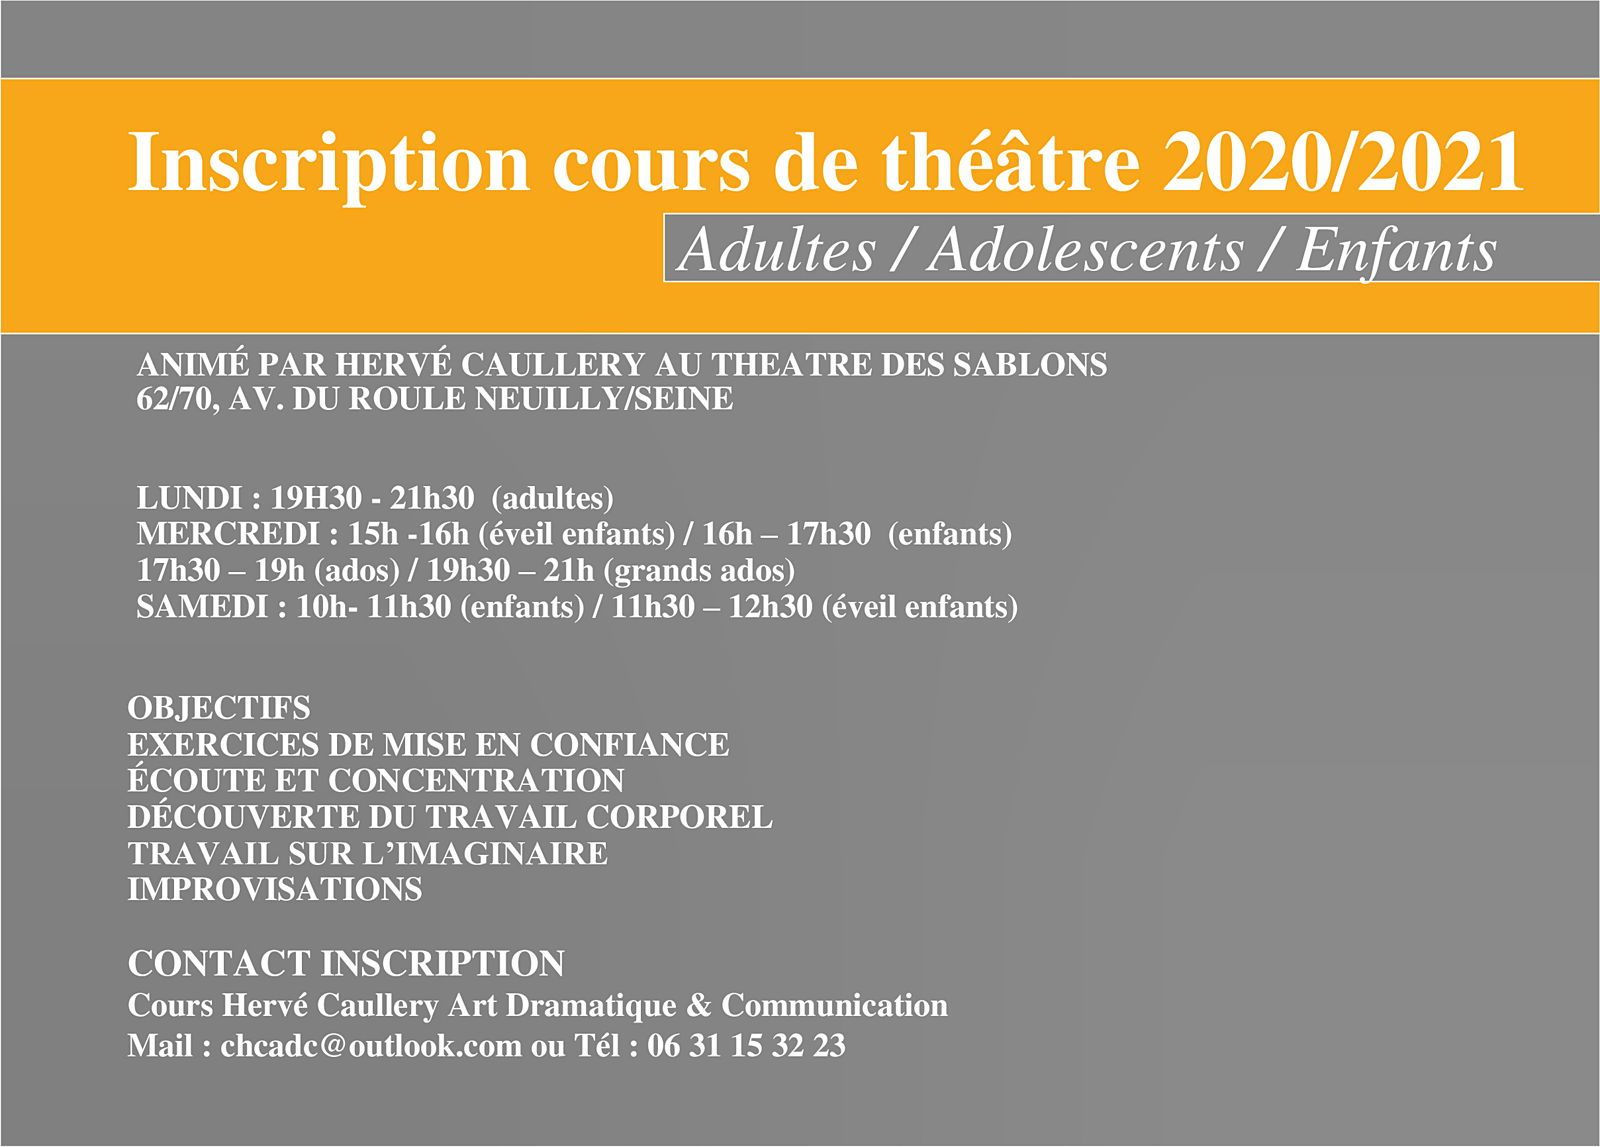 Inscription cours de théâtre 2020/2021Adultes / Adolescents / Enfants